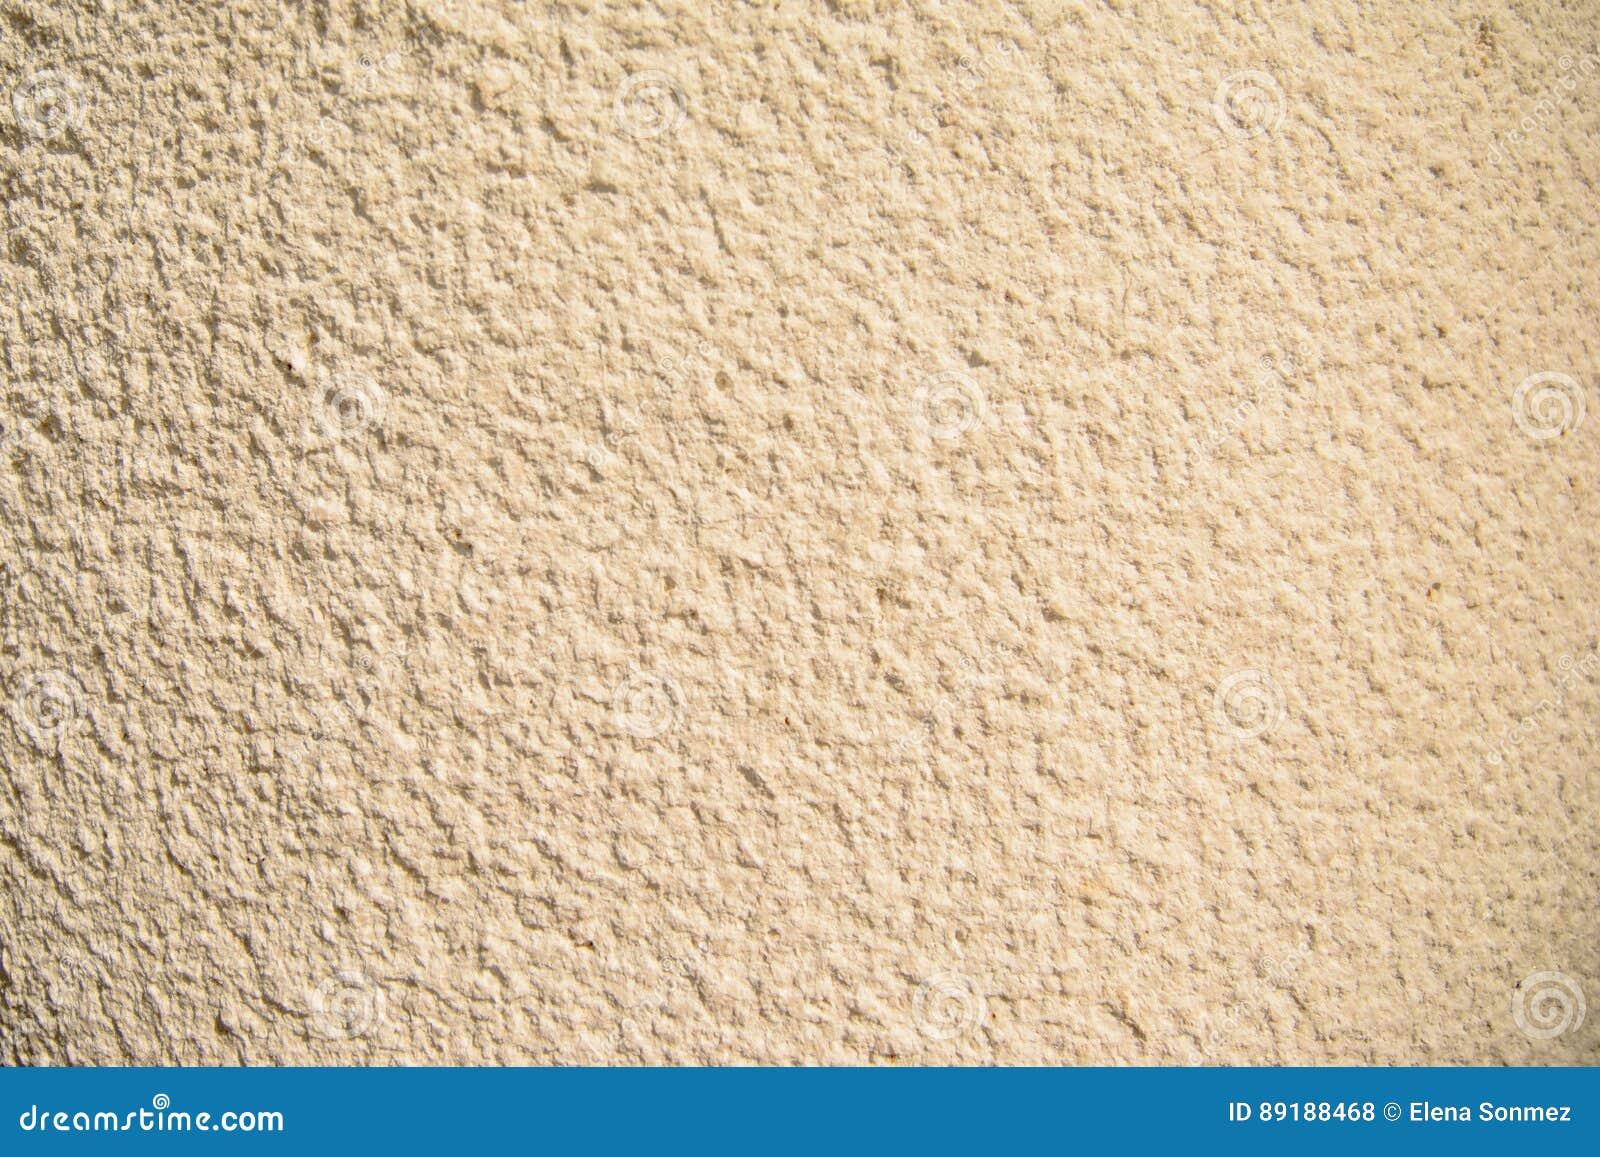 Tappning- och grungeguld, kräm eller beigabakgrund av naturligt cement eller gammal textur för sten, retro modellvägg